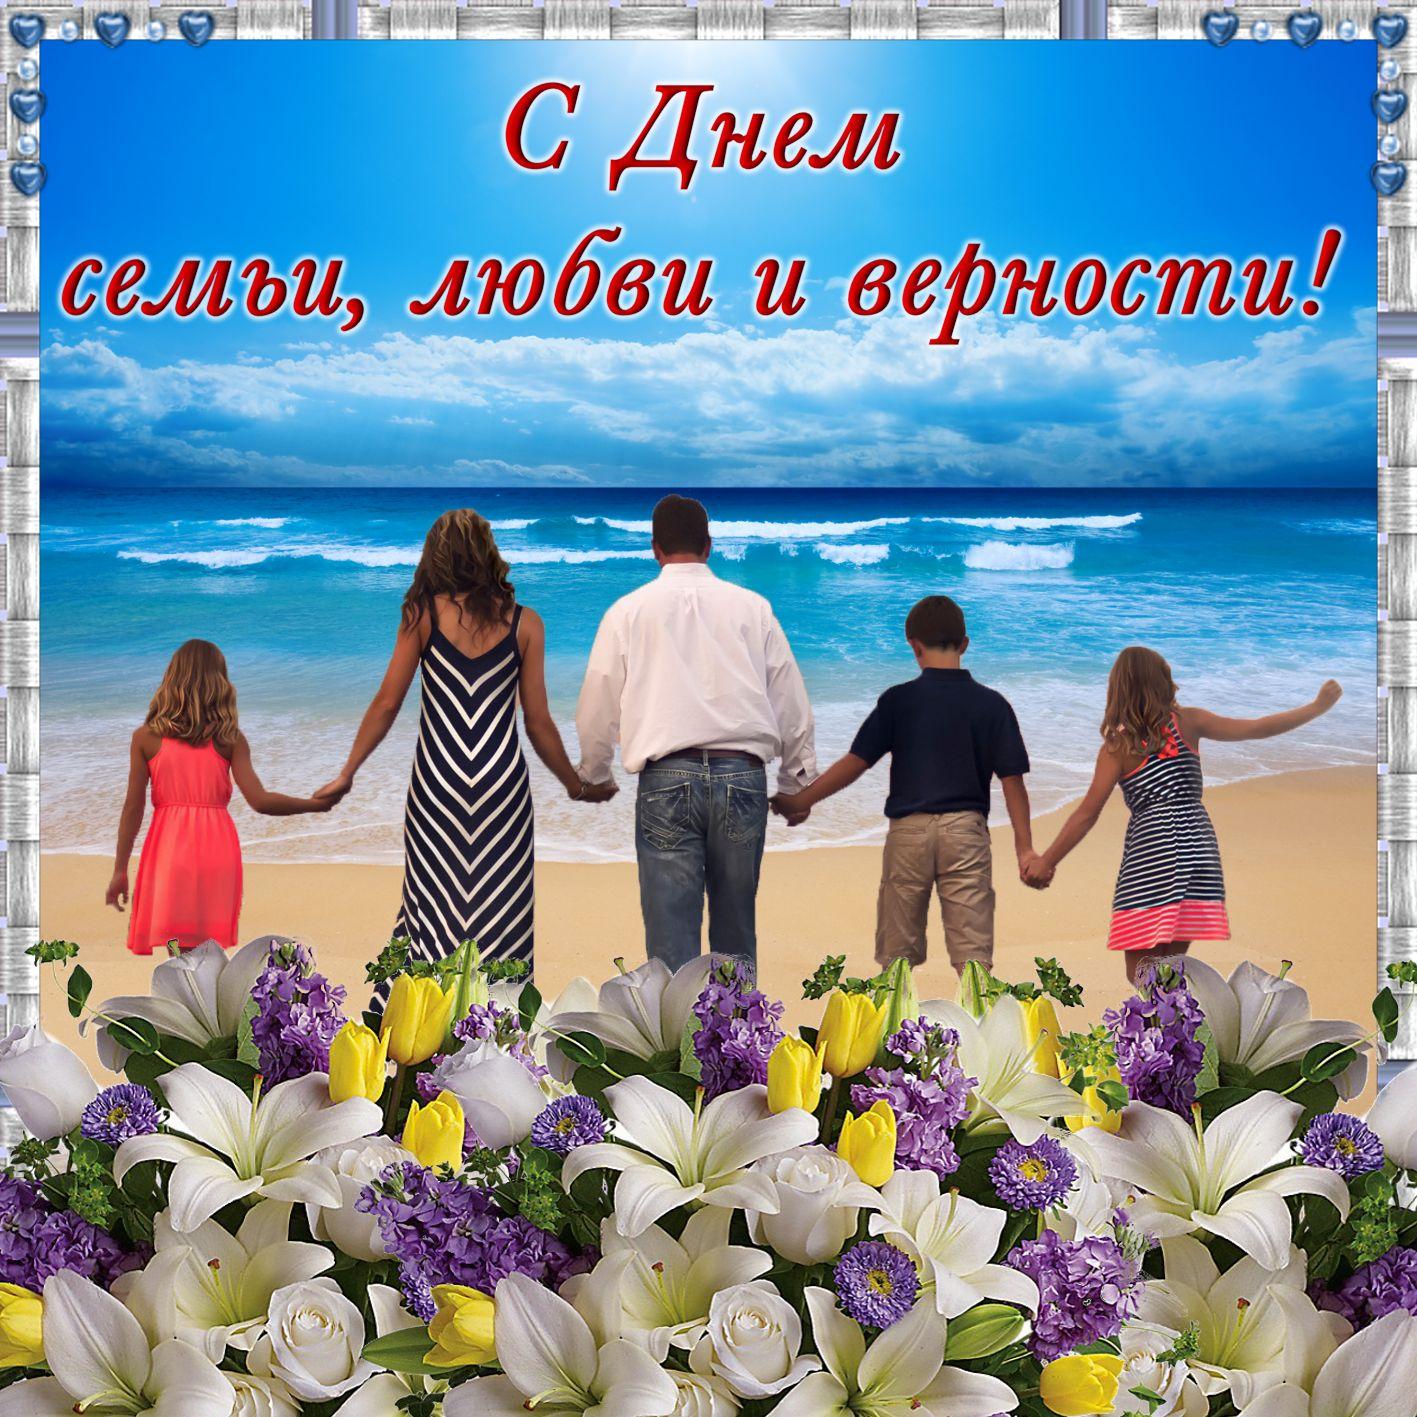 Картинки с днем любви и семьи